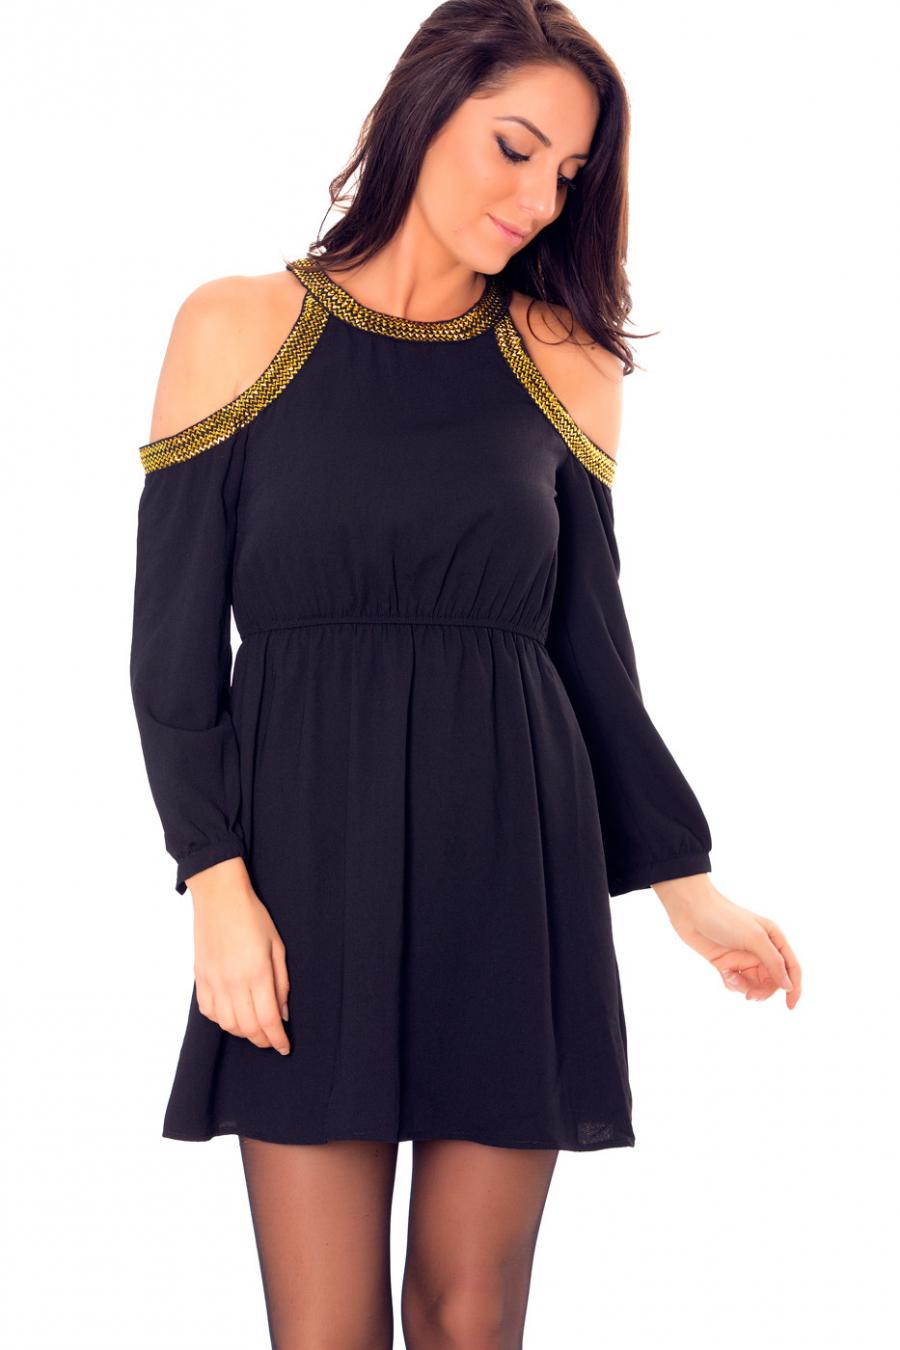 Mooie zwarte avondjurk met blote schouders met gouden biesjes. E-2558.